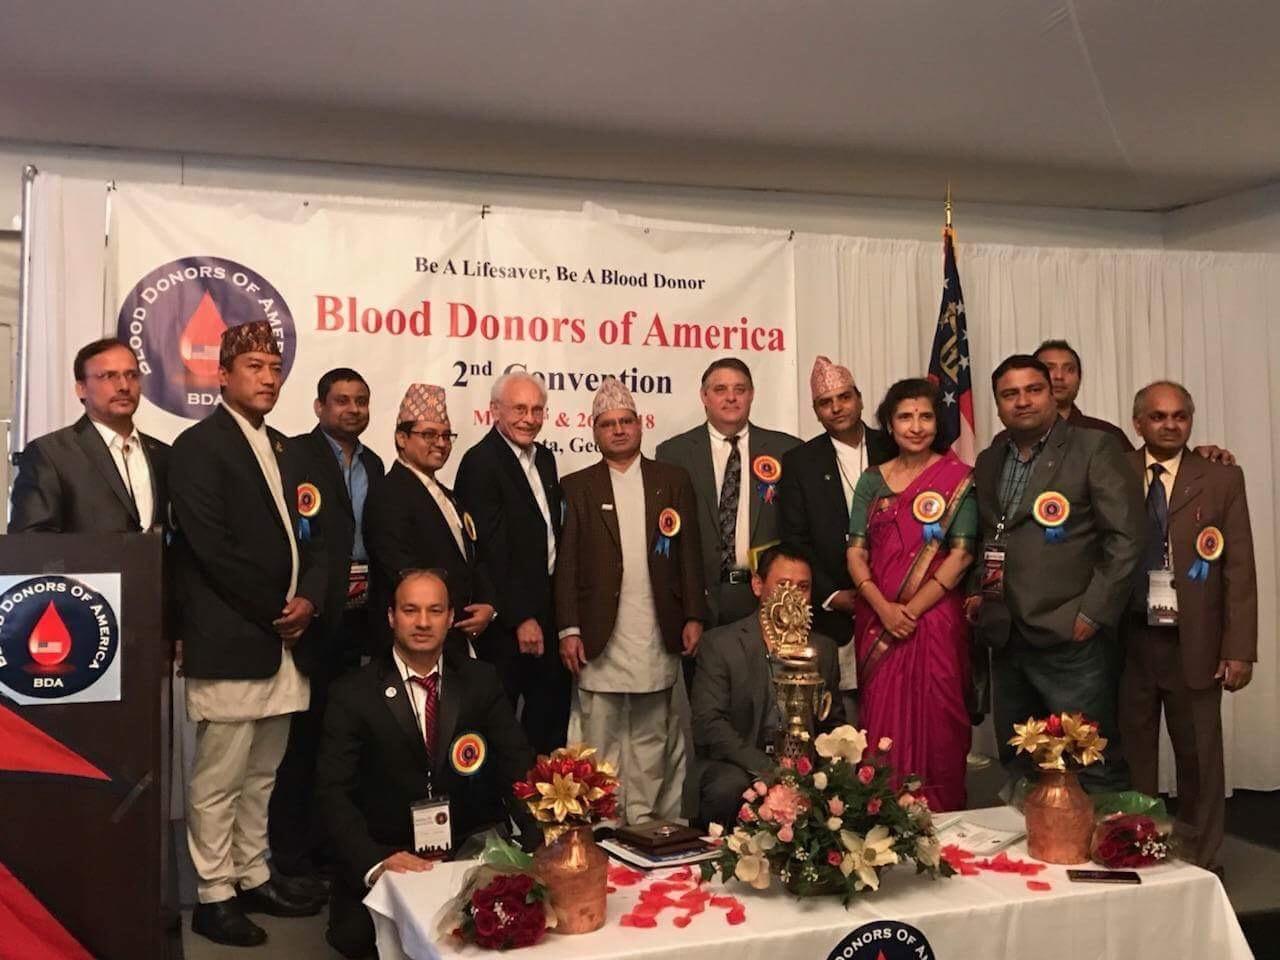 ब्लड डोनर्स अफ अमेरिकाको दोस्रो सम्मेलन सम्पन्न